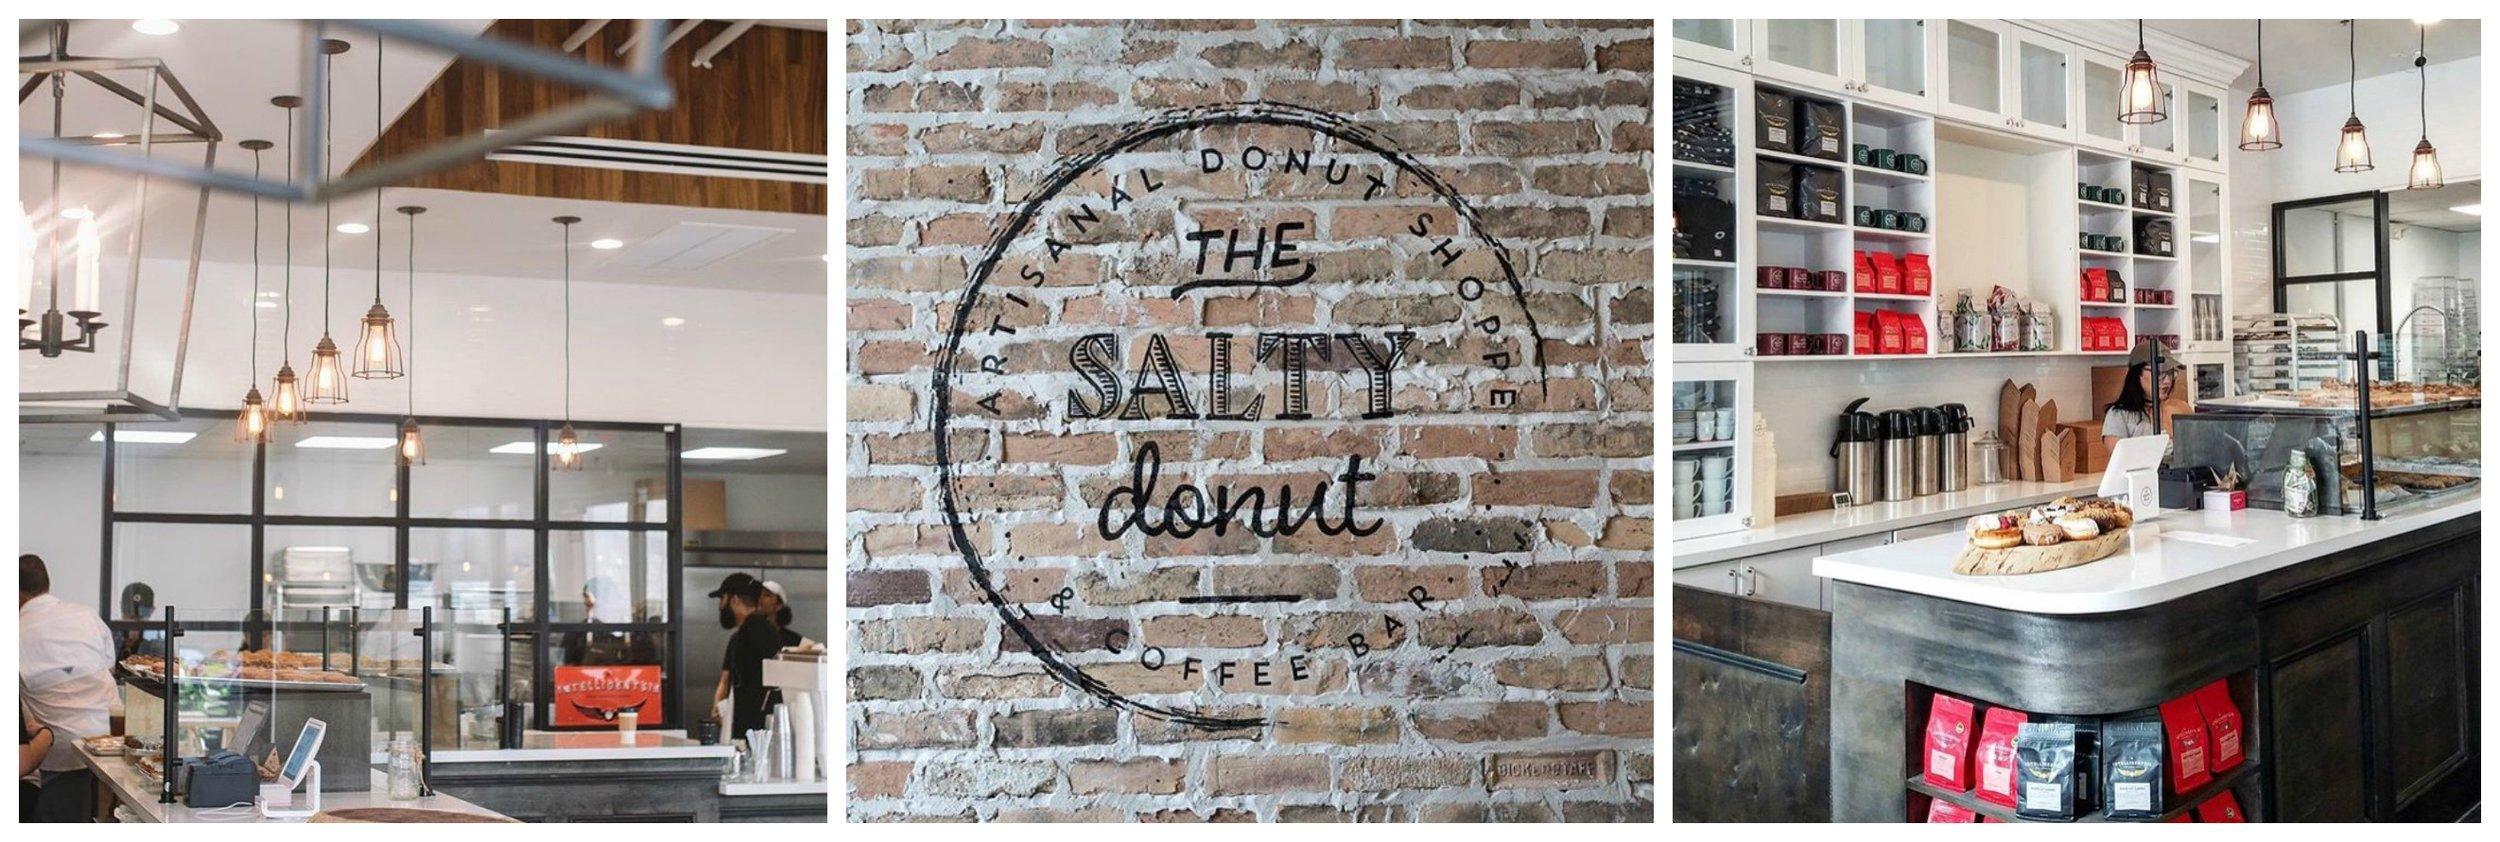 Salty Donut Wynwood Miami Interior